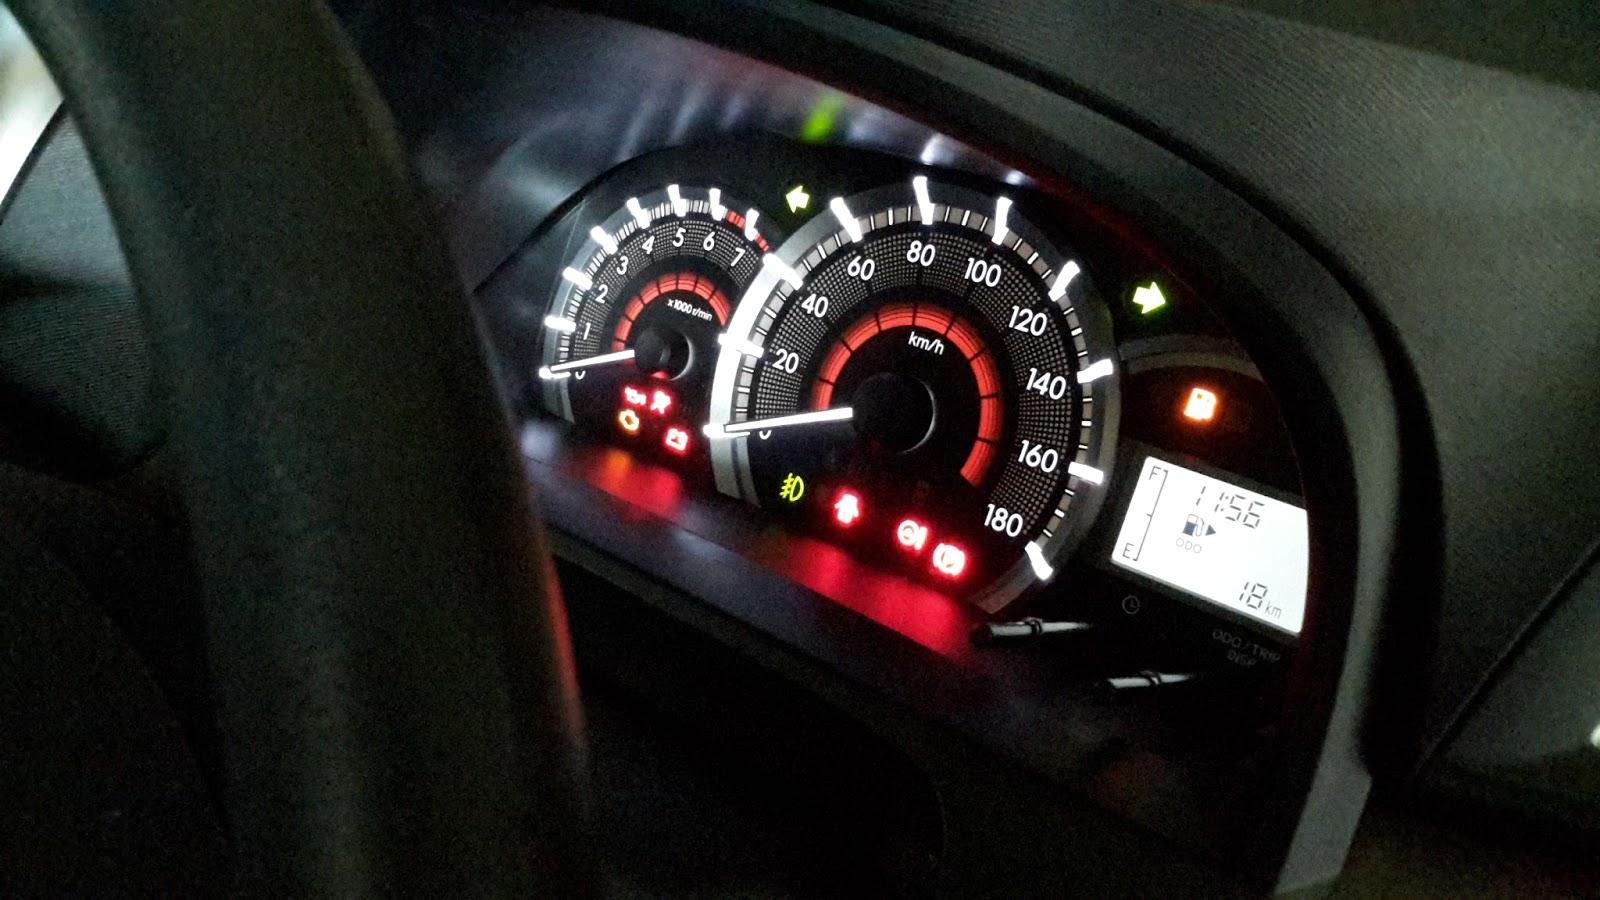 Speedometer Grand New Avanza Veloz Auto 2000 Plaza Toyota Kyai Tapa 2015 Nah Untuk Bagian Sekarang Lampunya Warna Putih Lebih Keren Mewah Dan Elegan Yang Pasti Asyik Banget Deh Pake